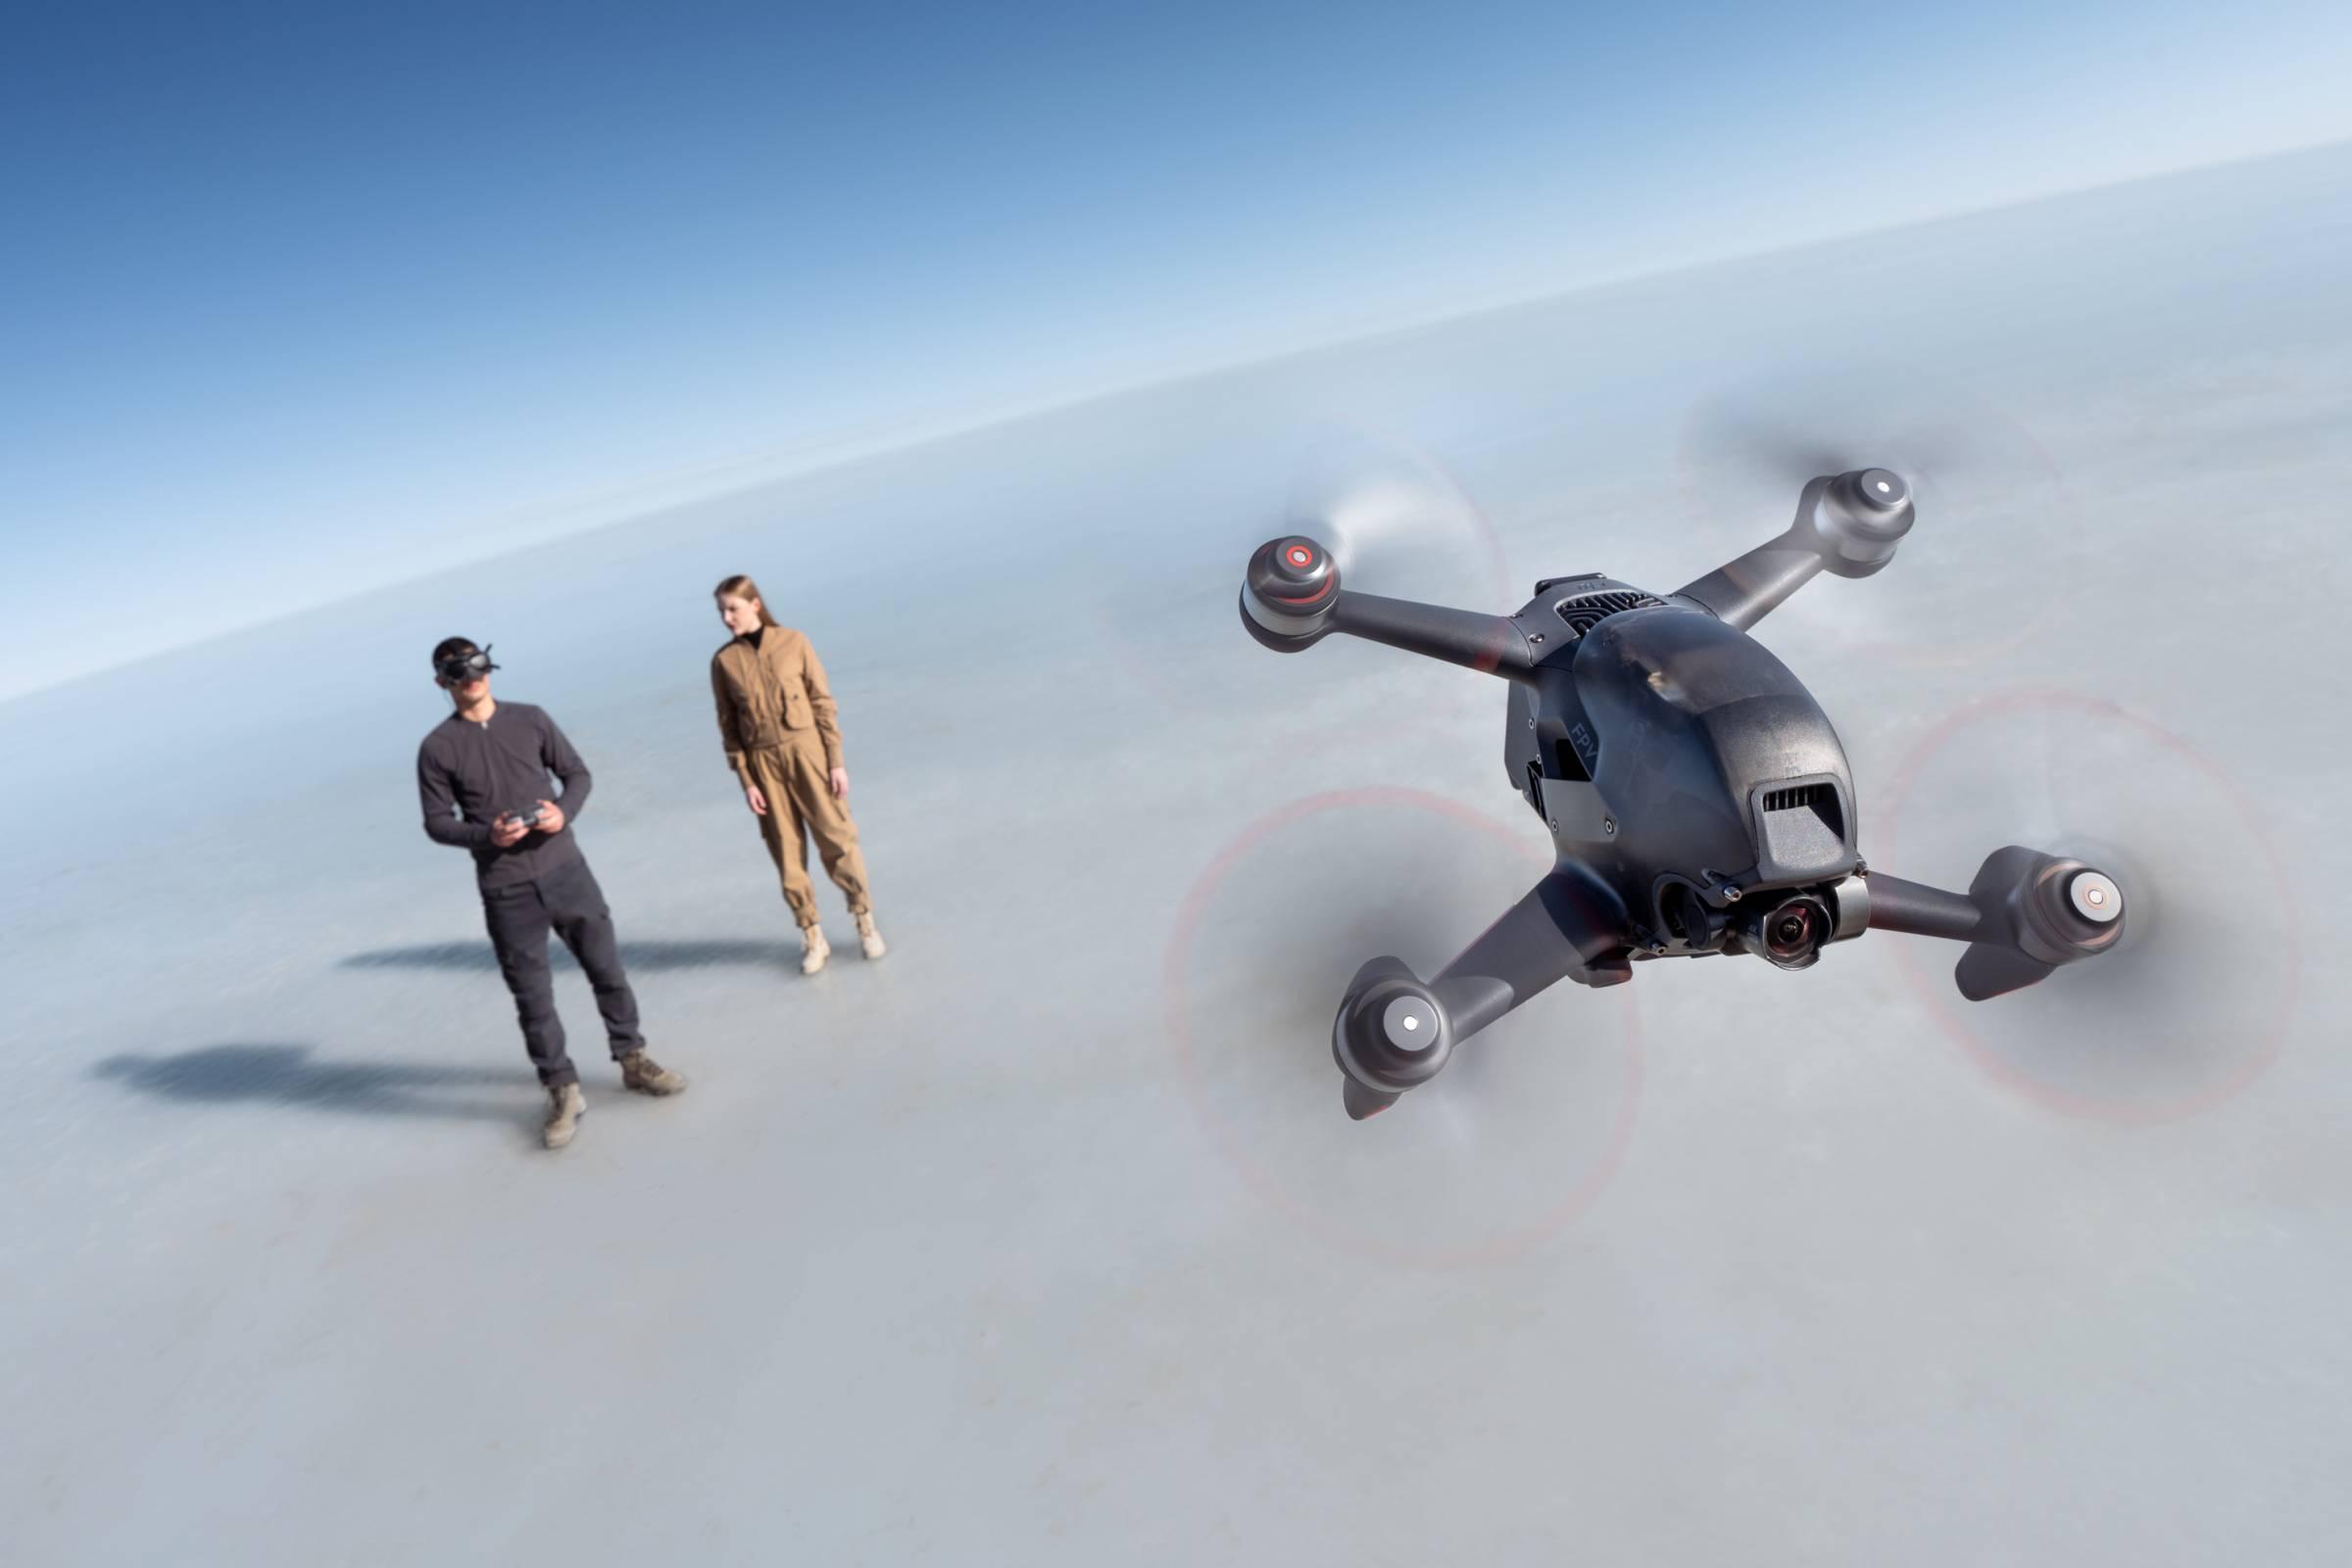 DJI FPV Drone and people